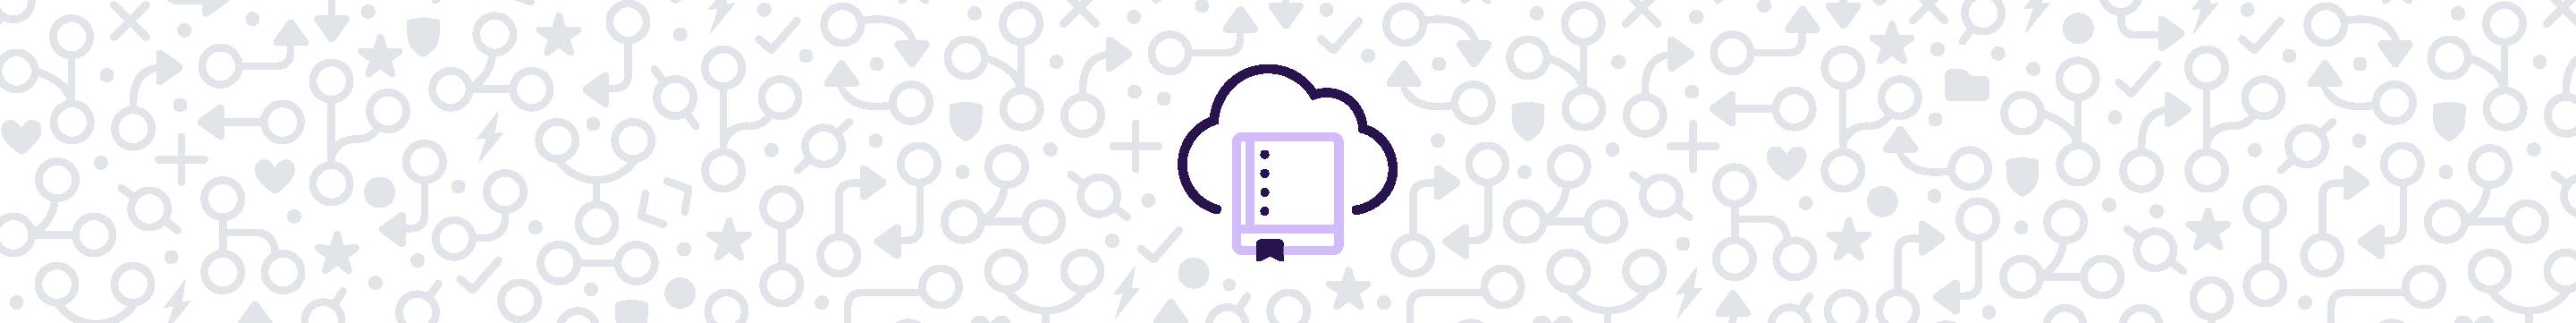 Git remote illustration